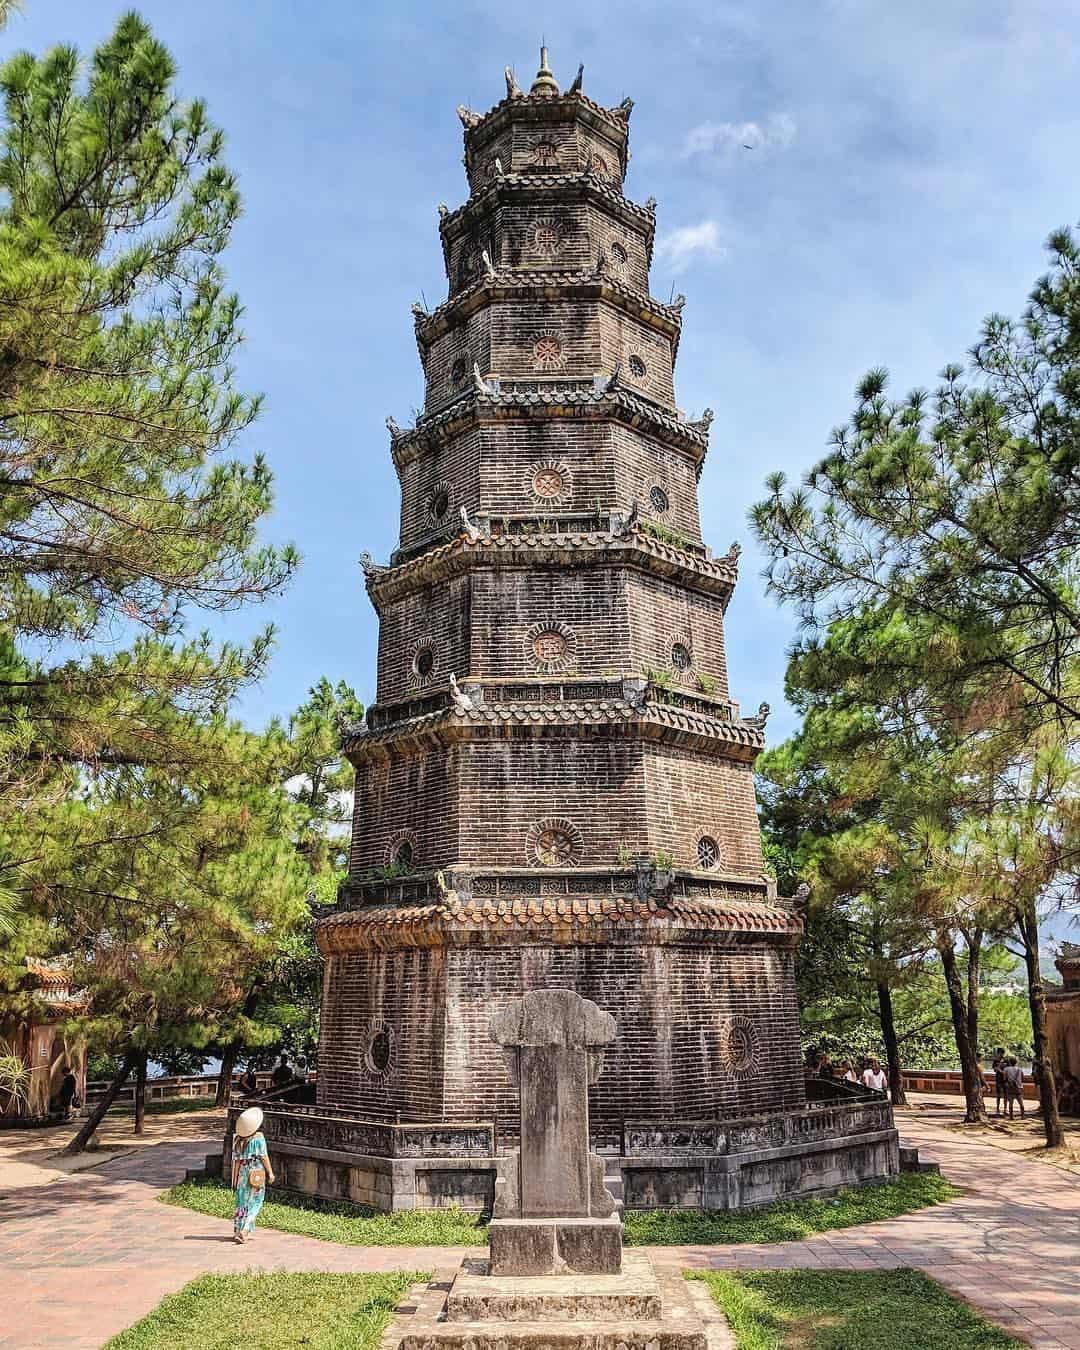 Người ta thường bảo rằng, nếu yêu nhau mà cùng đi chùa Thiên Mụ thì sẽ chia tay ... Ảnh: @letgovietnam